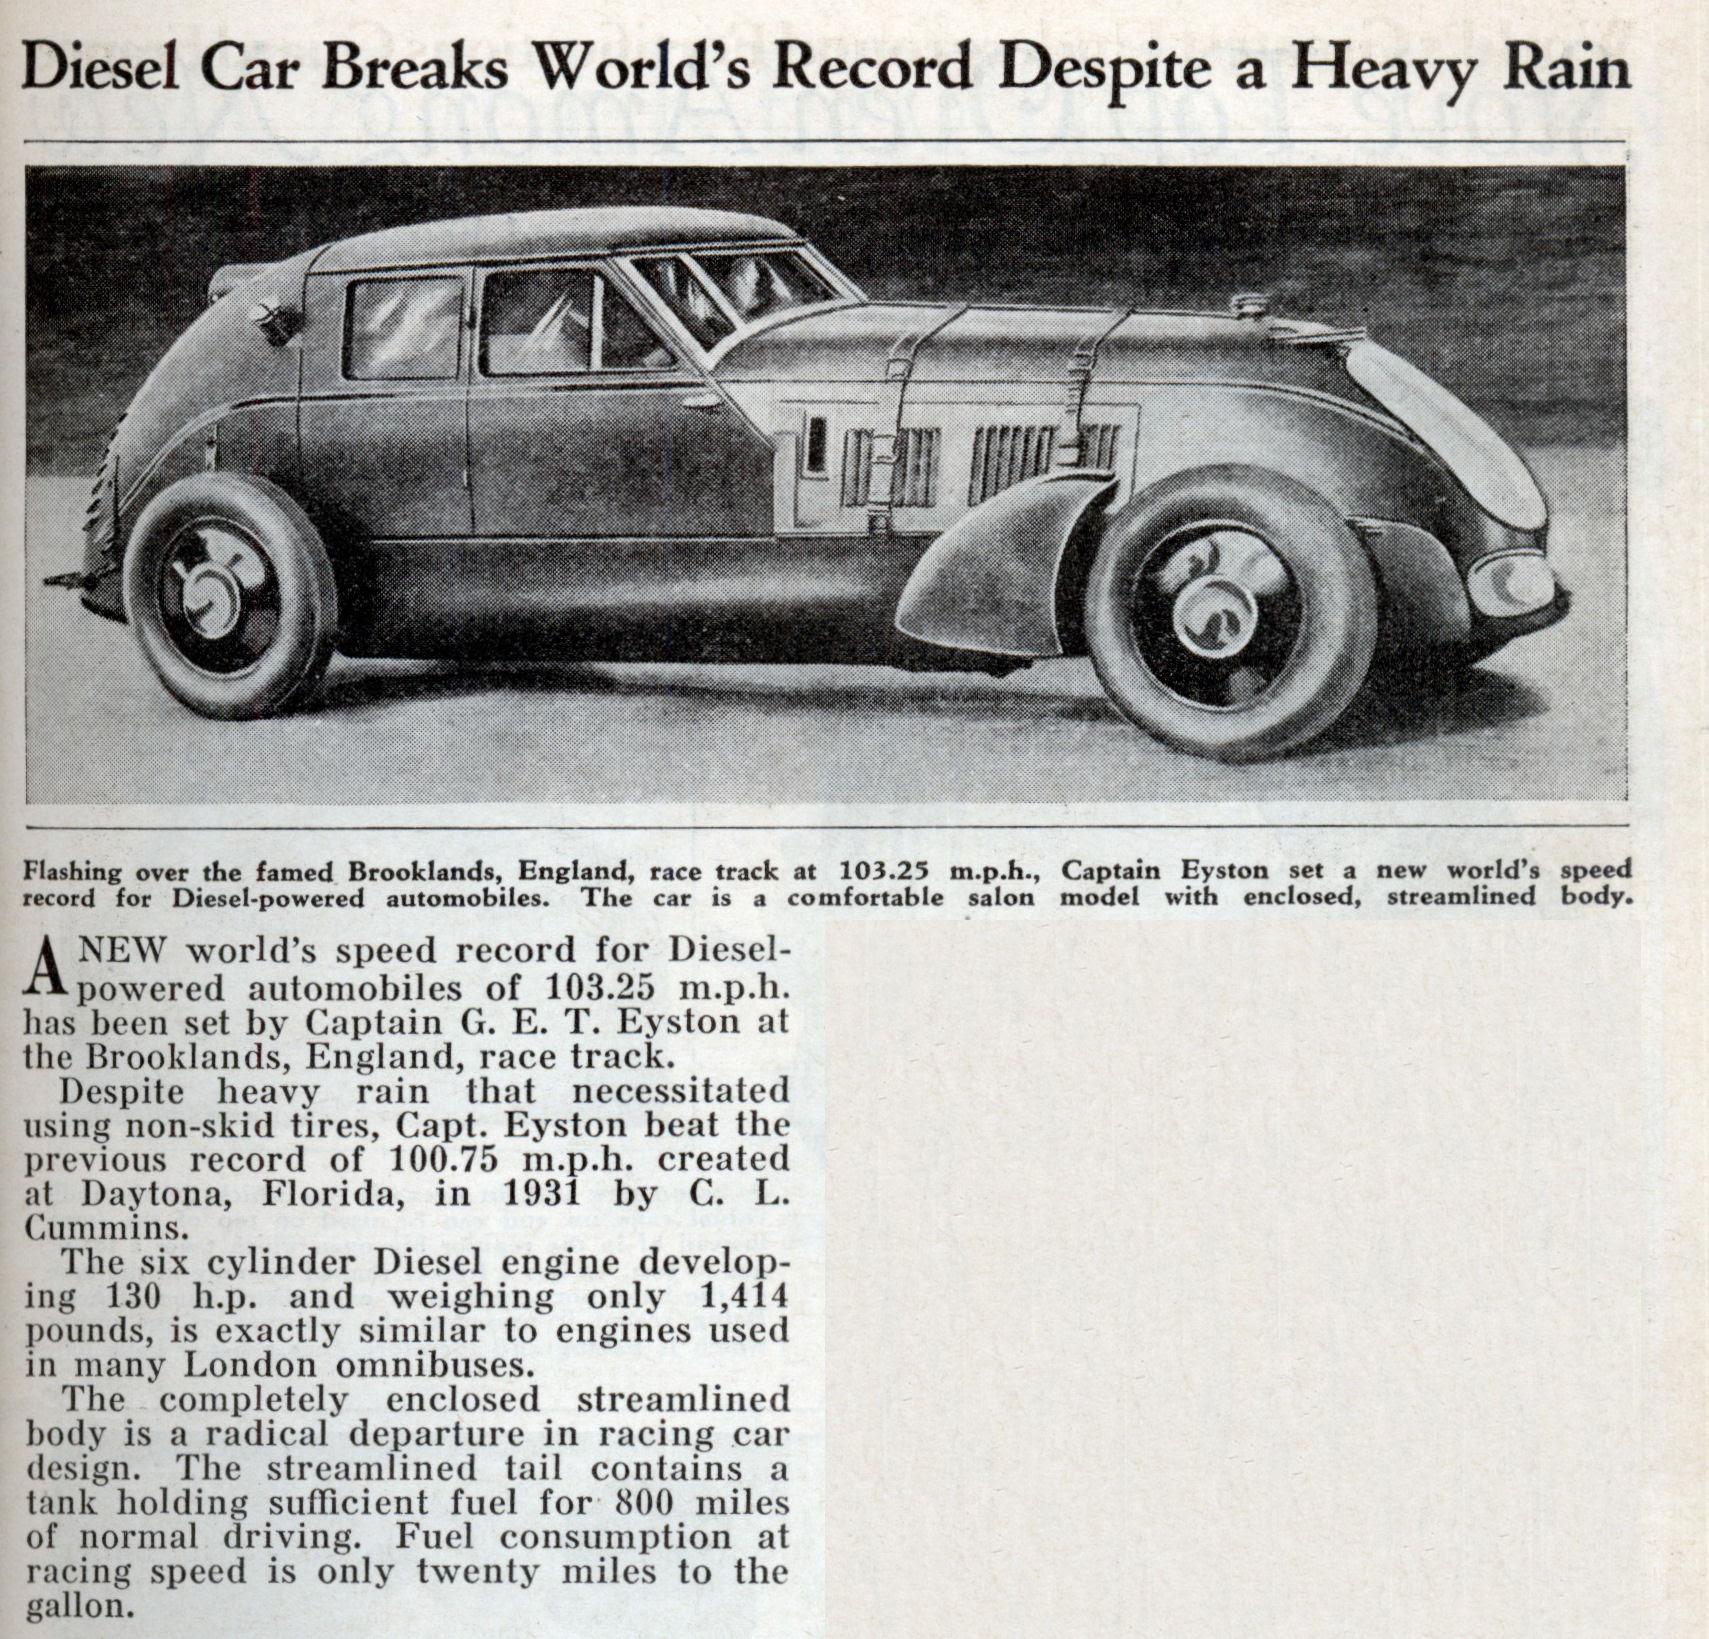 http://blog.modernmechanix.com/mags/ModernMechanix/2-1934/diesel_car.jpg